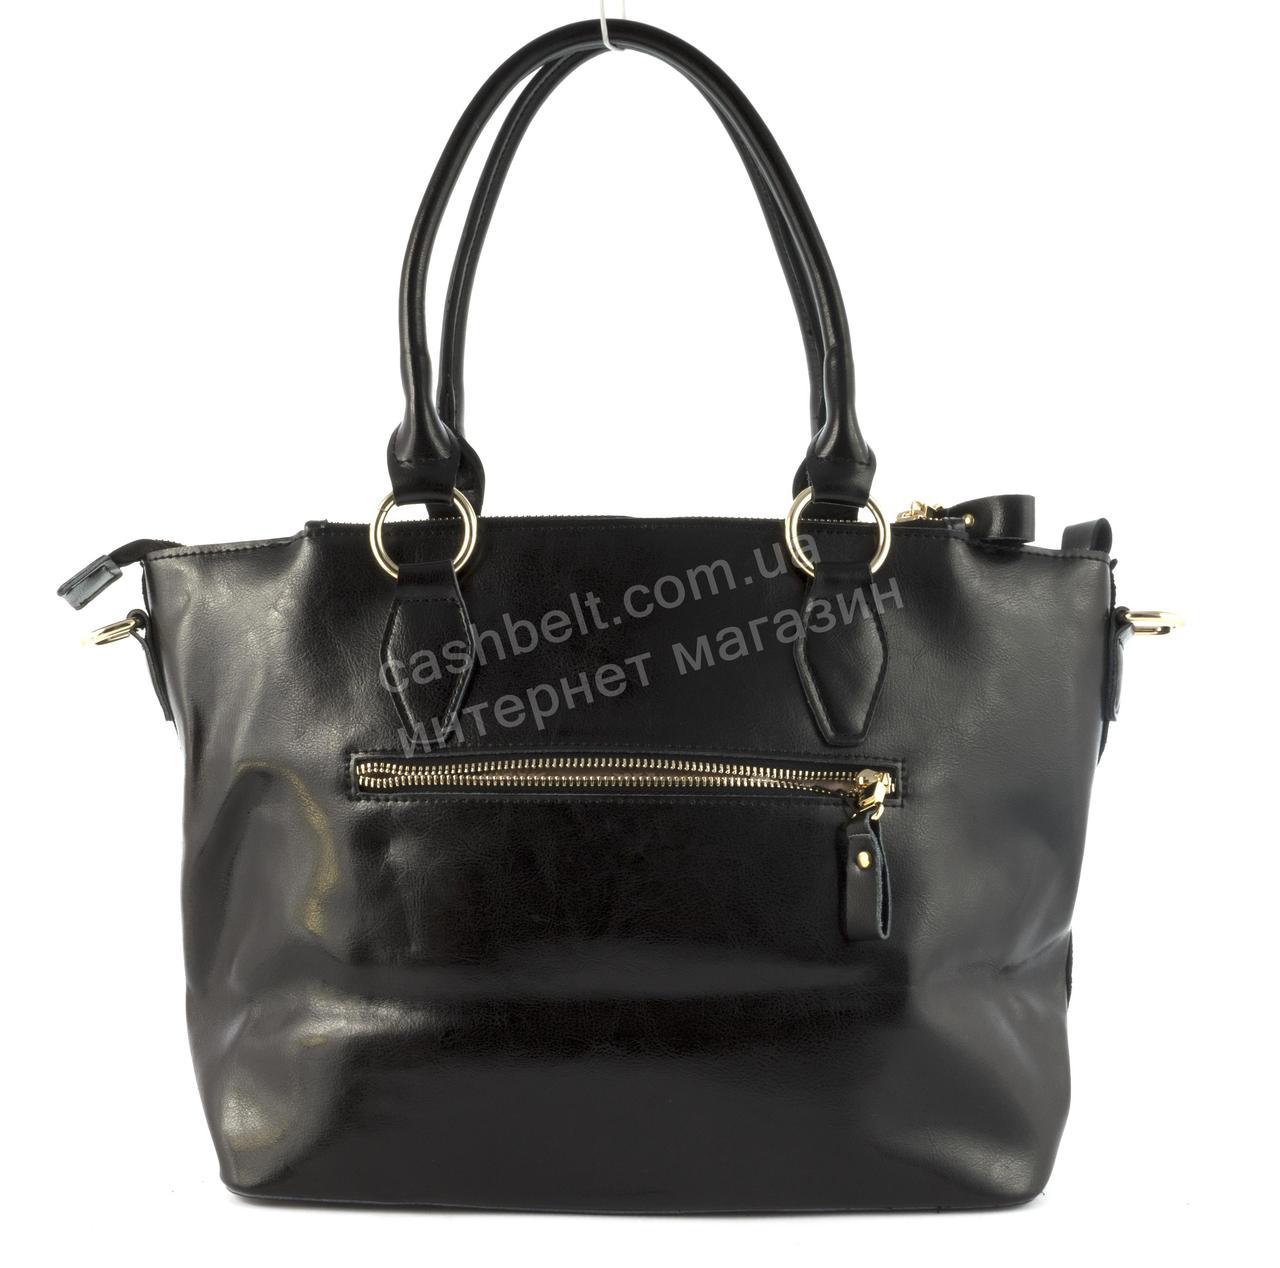 03e2db4da544 ... Оригинальная стильная прочная элегантная кожаная женская сумка с  замшевой лицевой частью art.16668 черная, ...